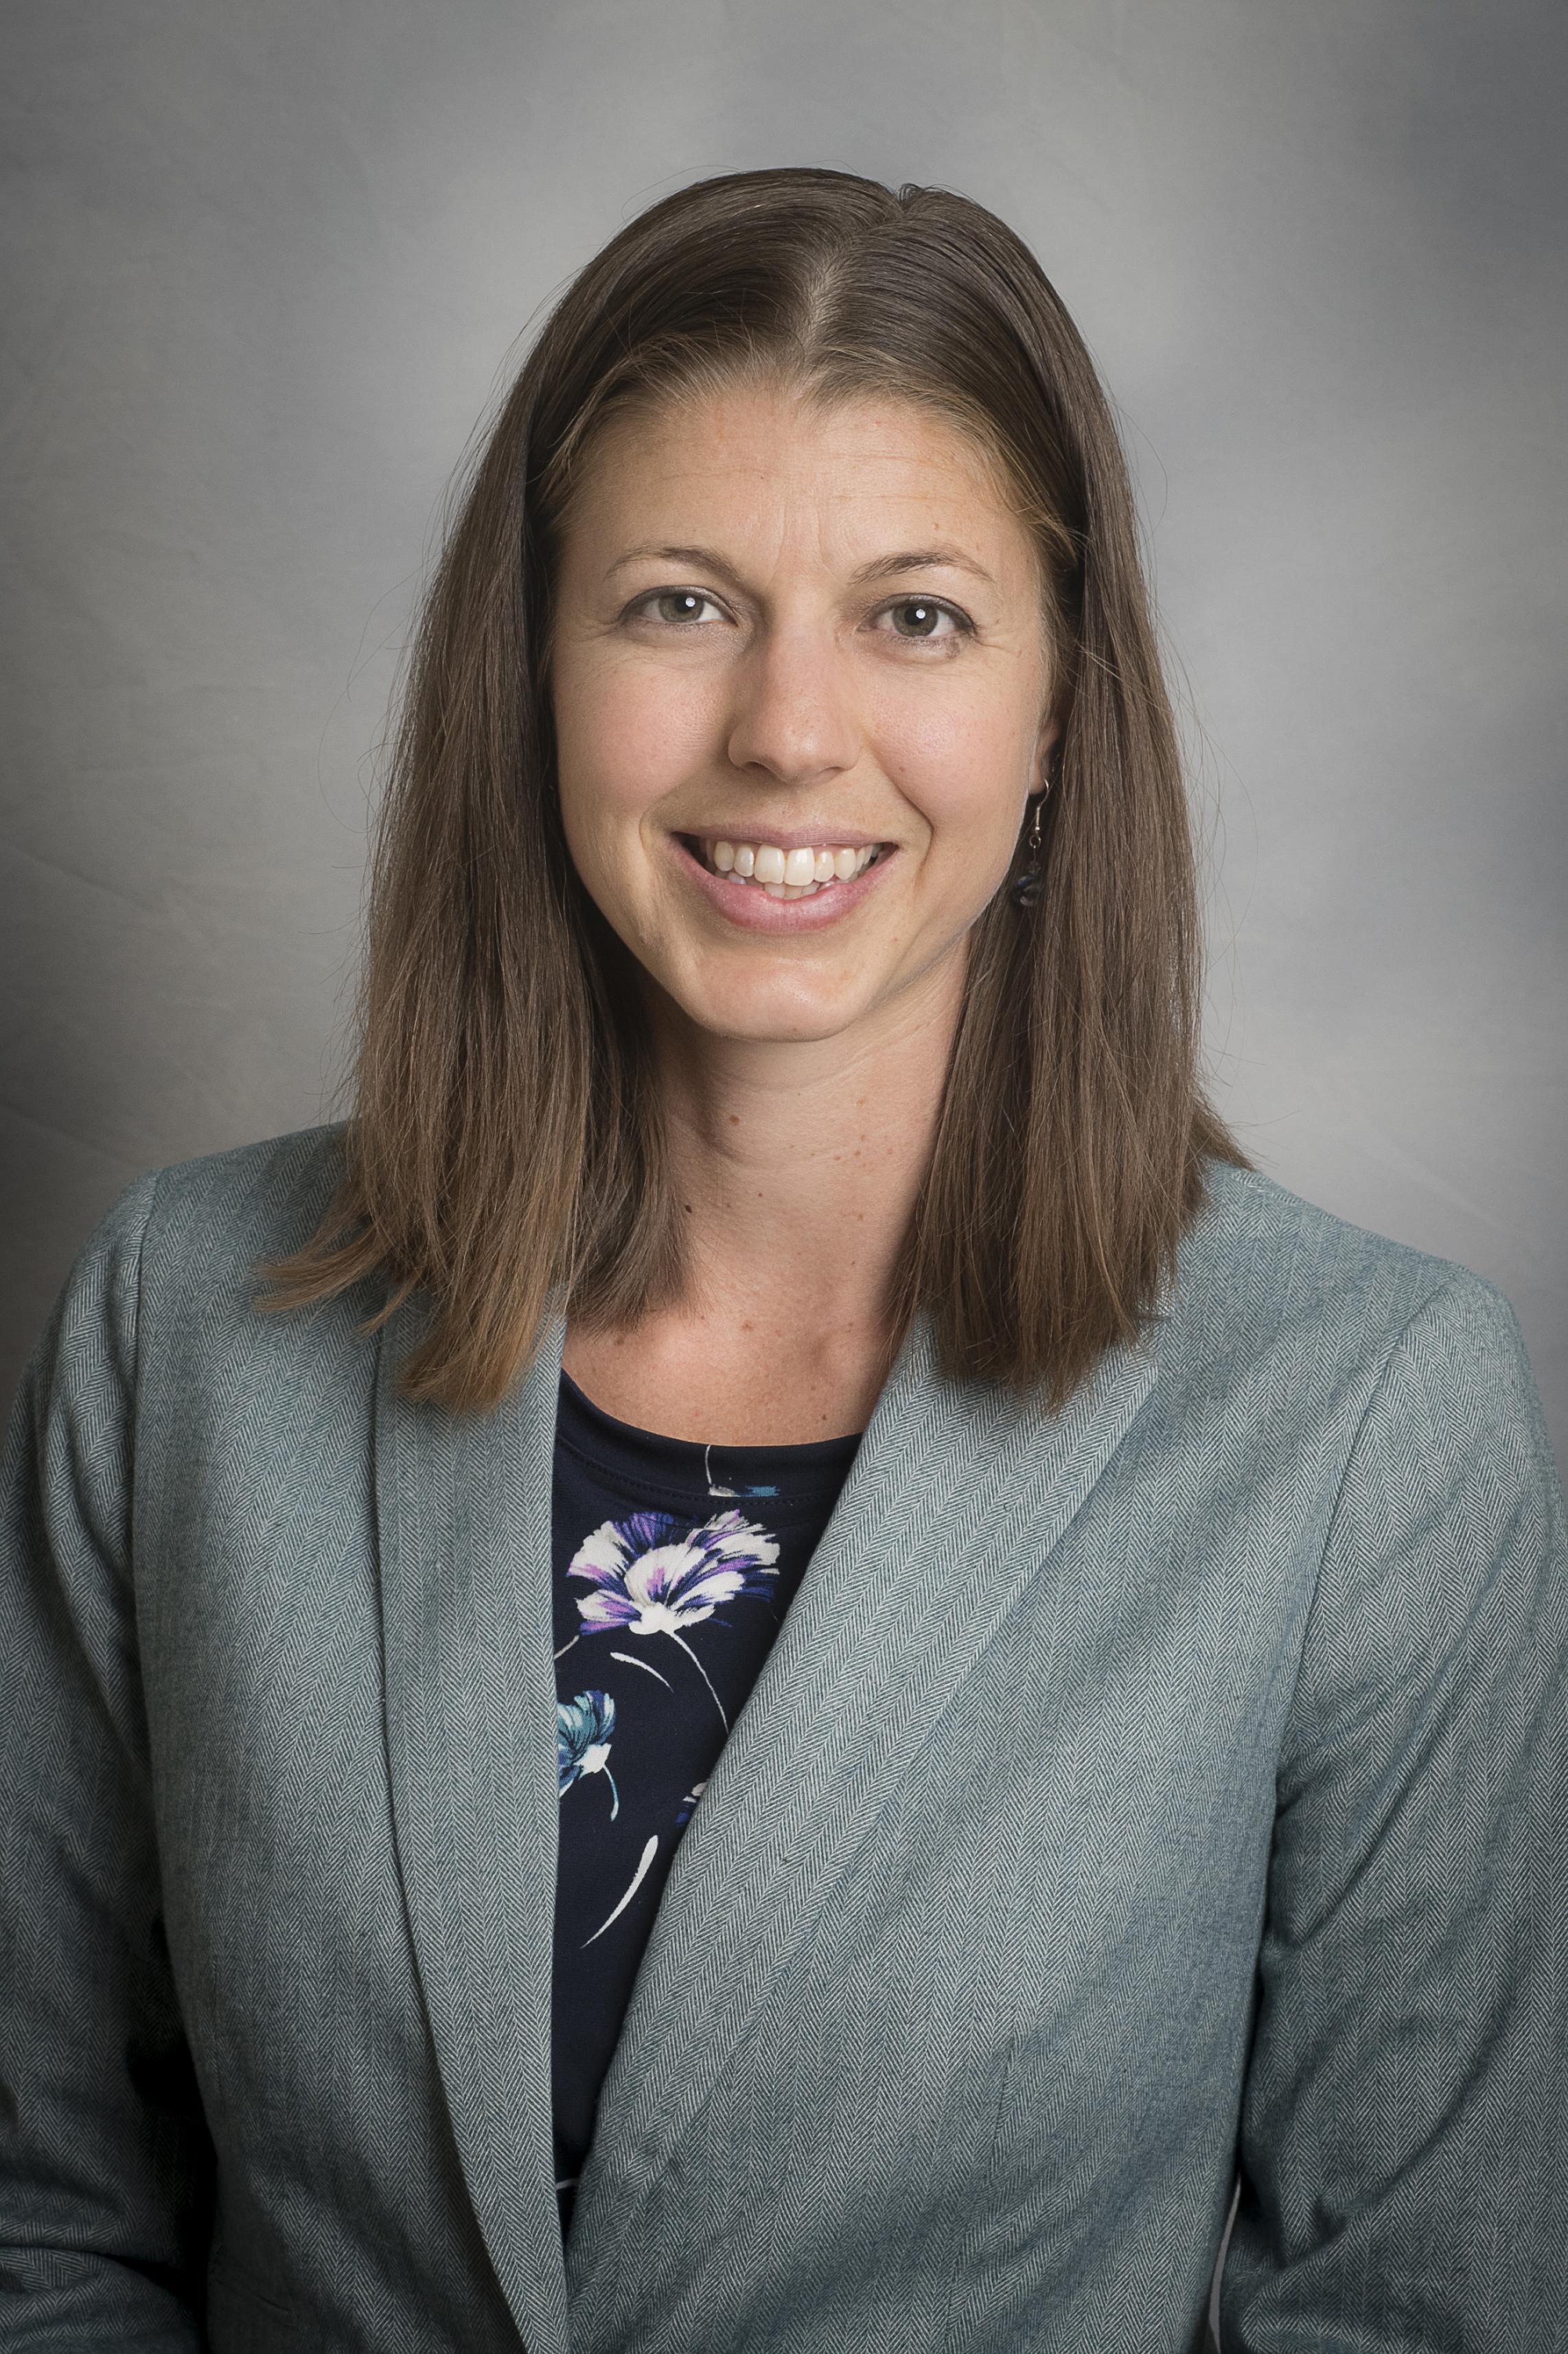 Dr. Lorin Shellenberger